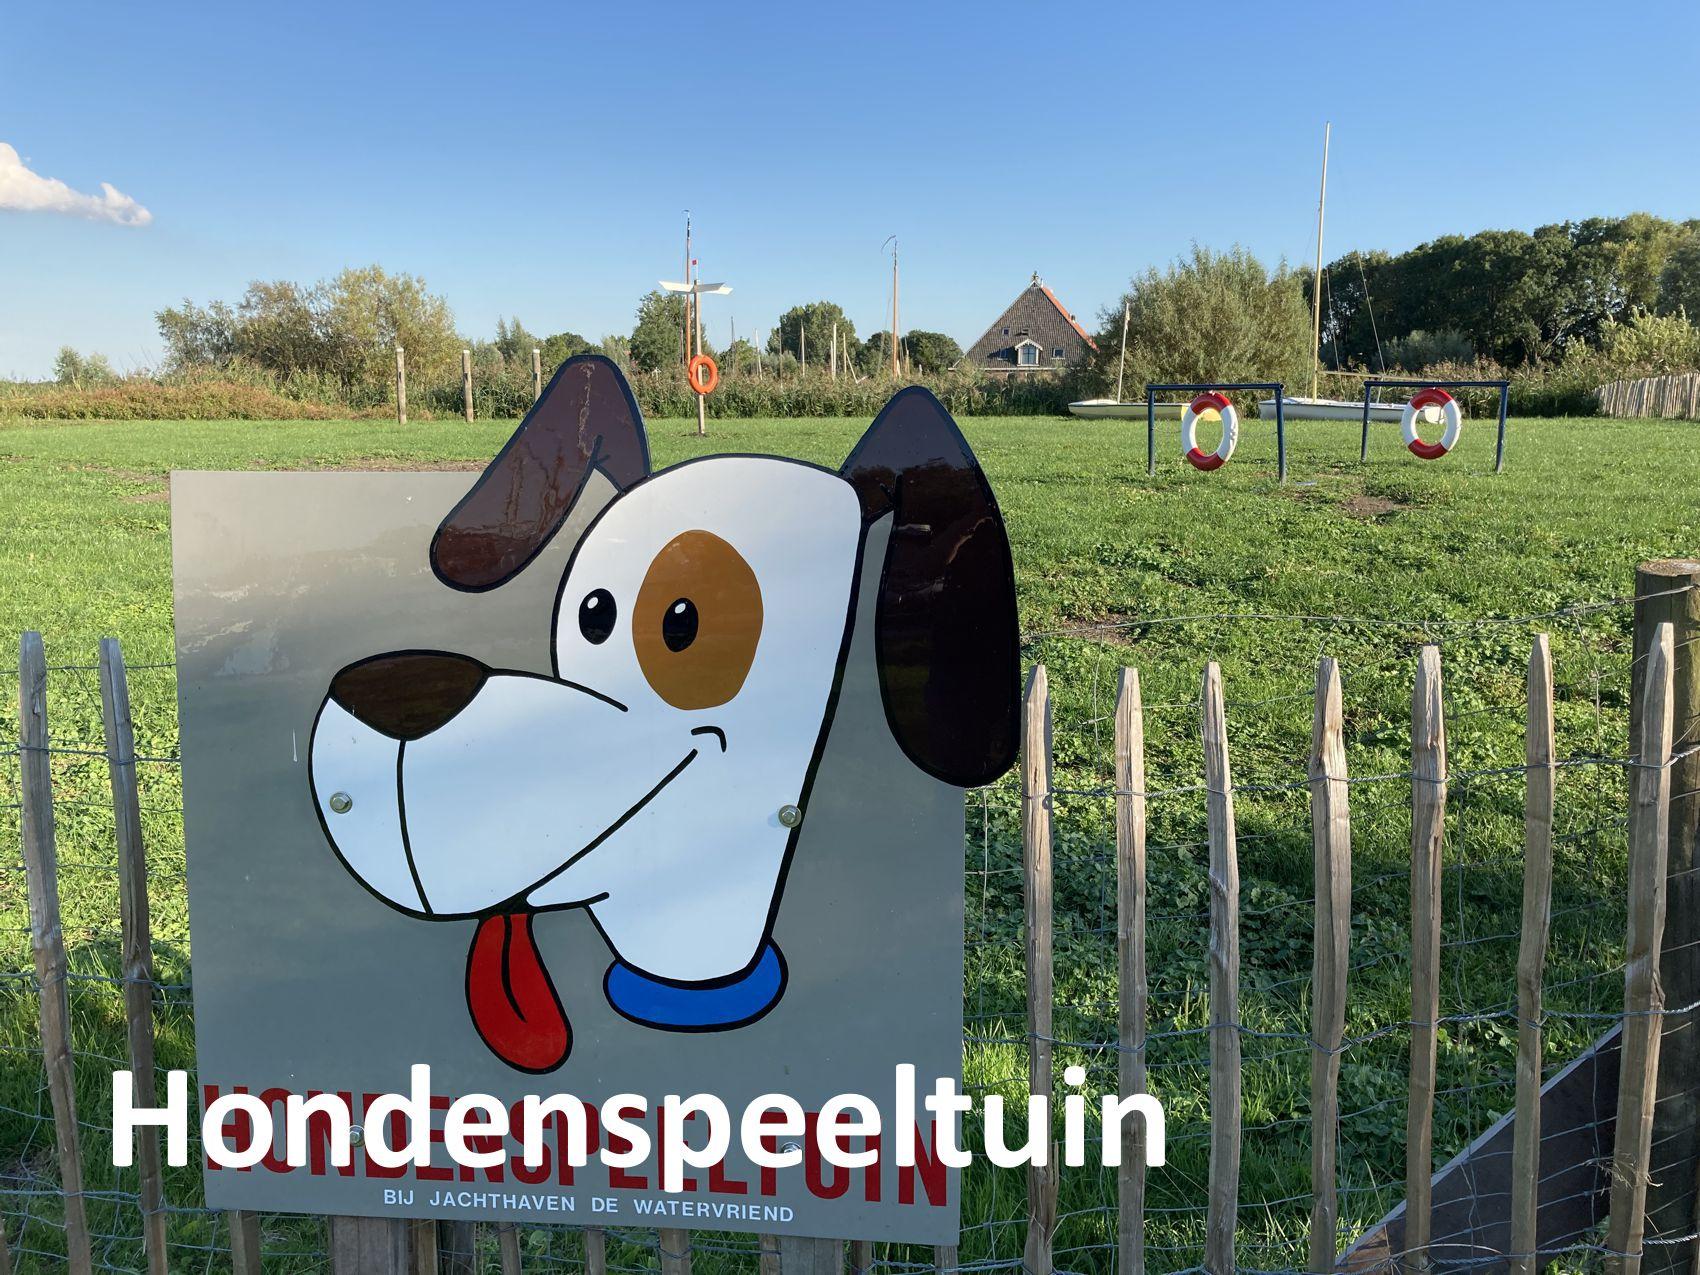 Hondenspeeltuin_hond_aan_boord_Hondvriendelijk_Varen_Jachthaven_de_Watervriend_Friesland